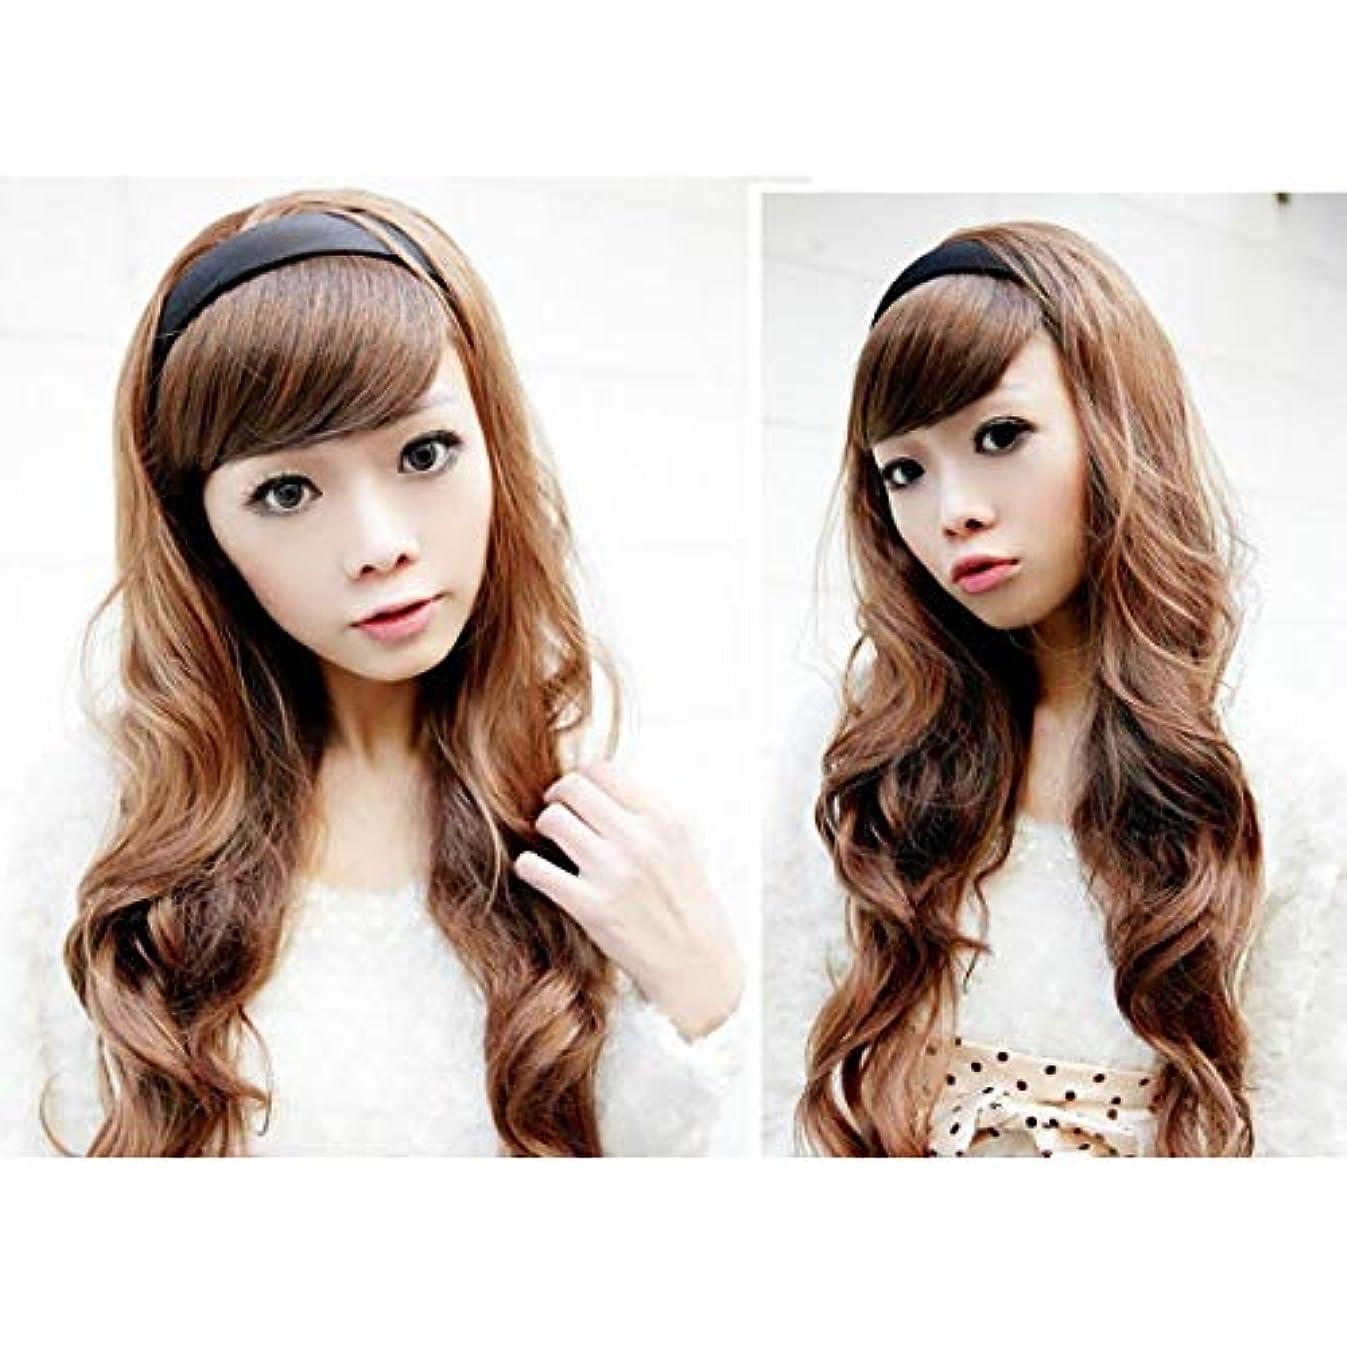 慢なリングバック風景YZUEYT 女性の毛のウィッグは、黒いフープのヘッドブランドと長い波状 YZUEYT (Color : Color Dark Brown, Size : One size)